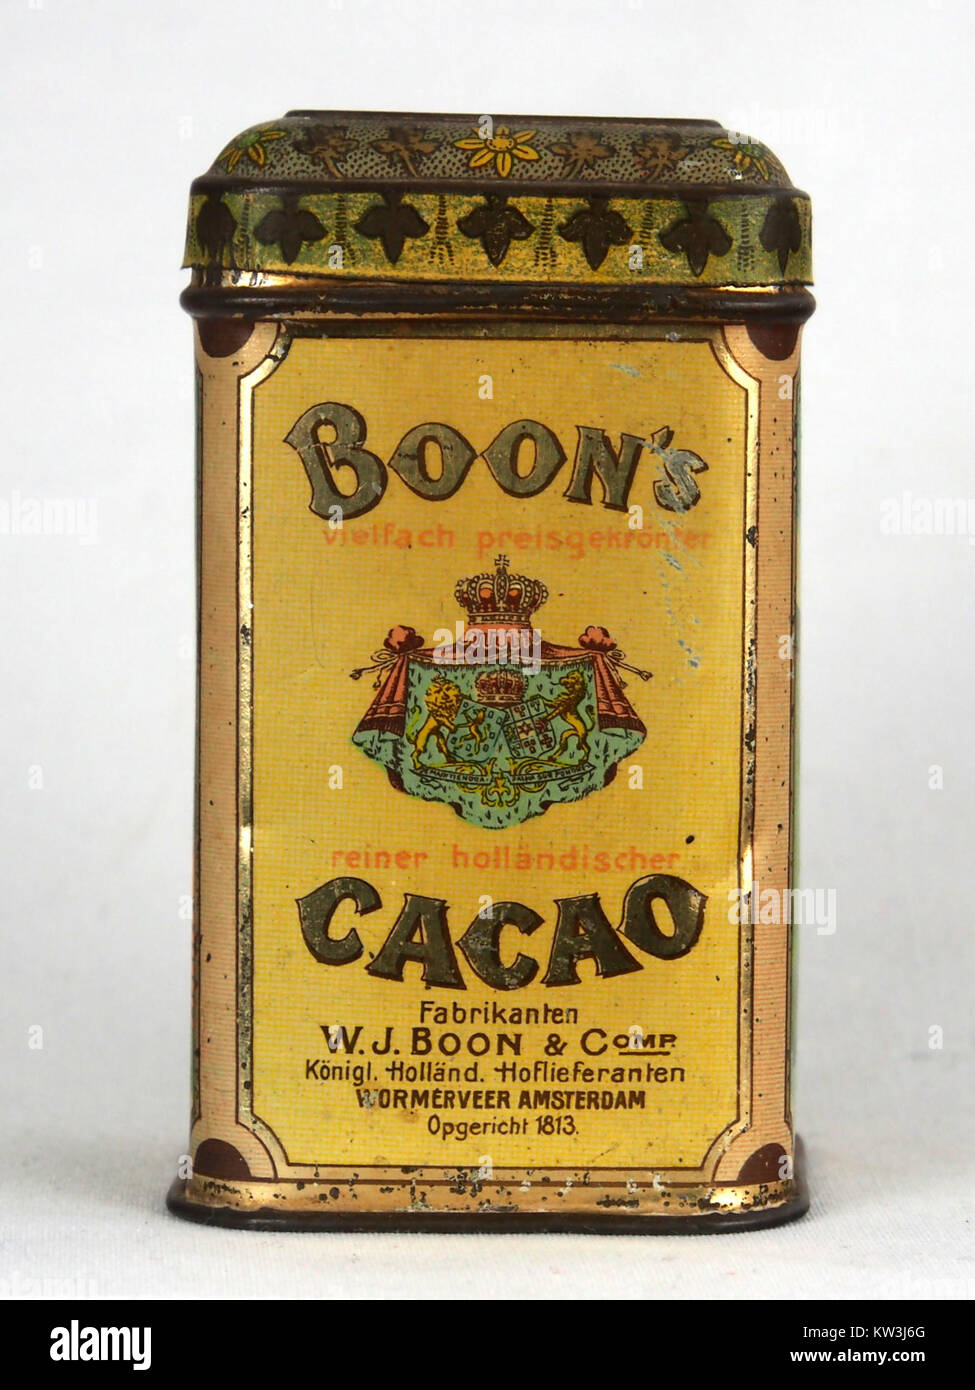 Boons cacao blikje voor export naar Duitsland, foto1 - Stock Image